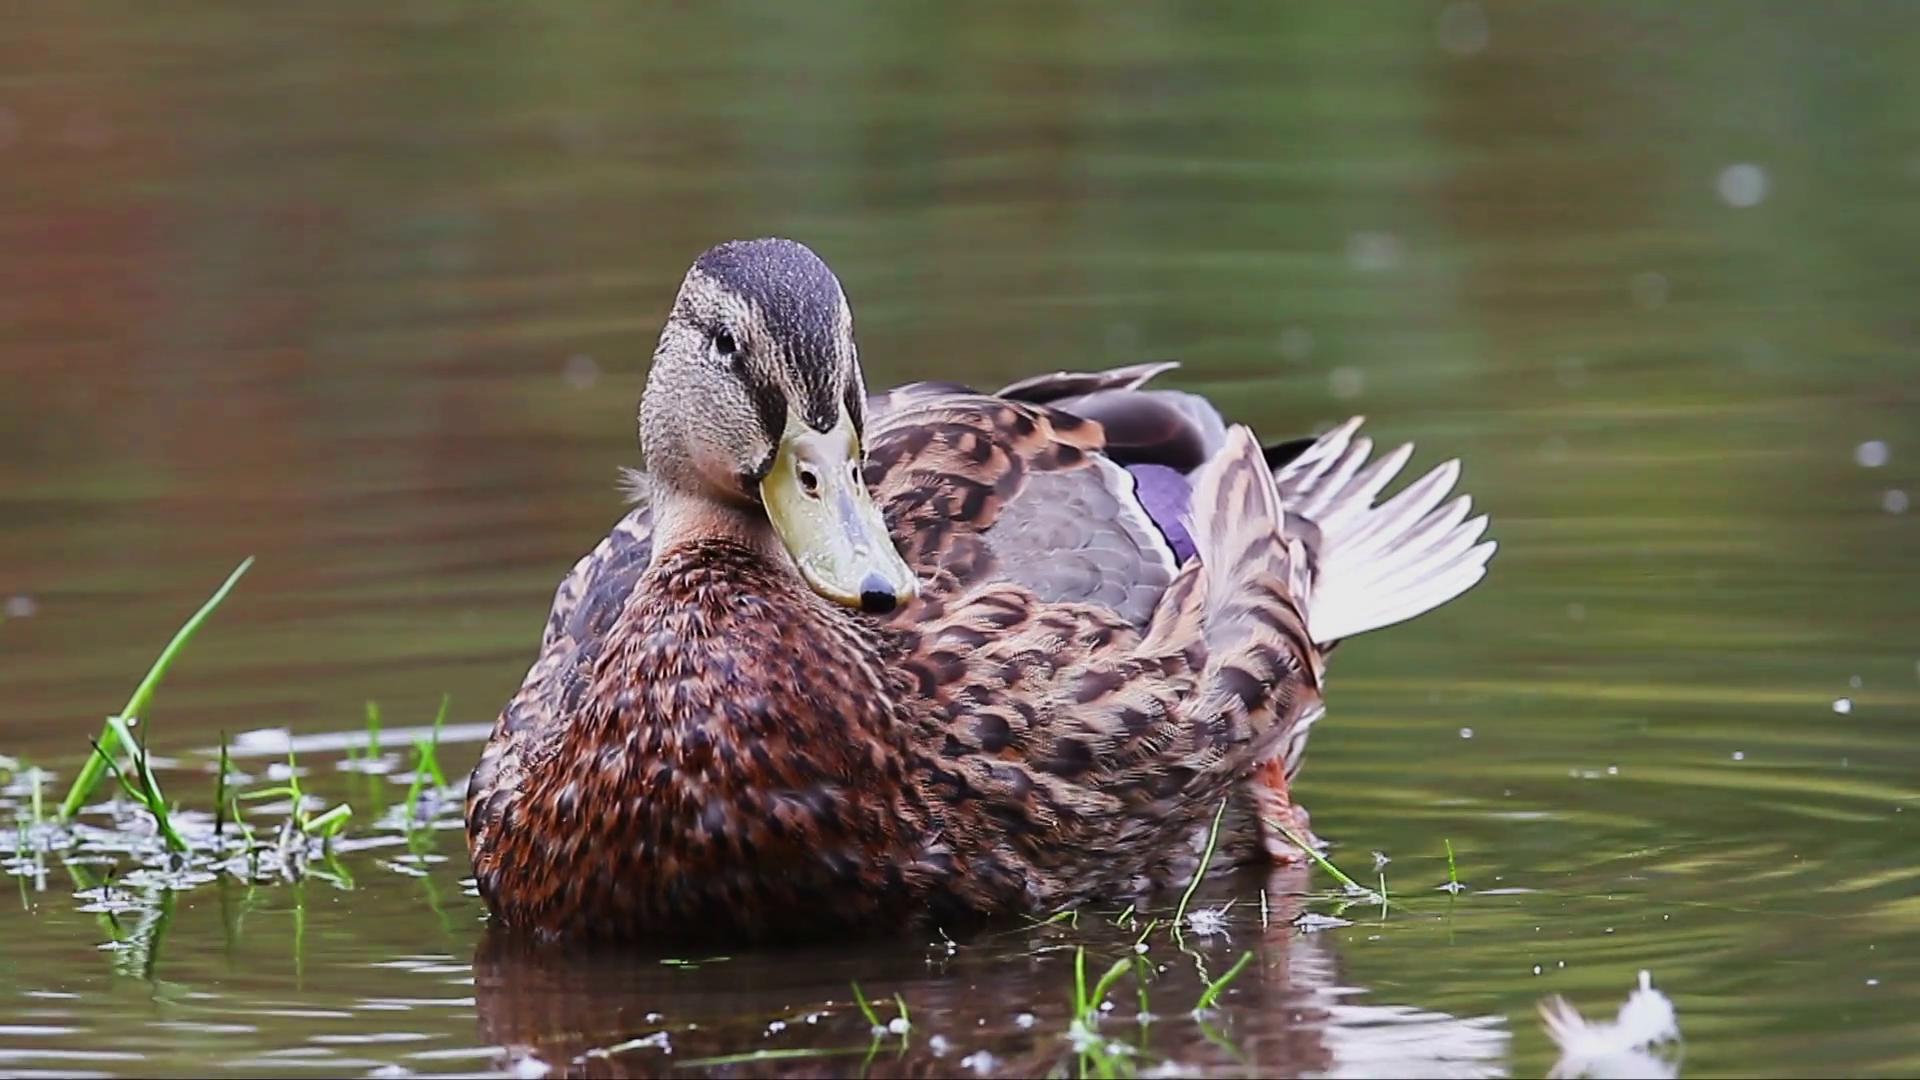 Mallard duck washing photo